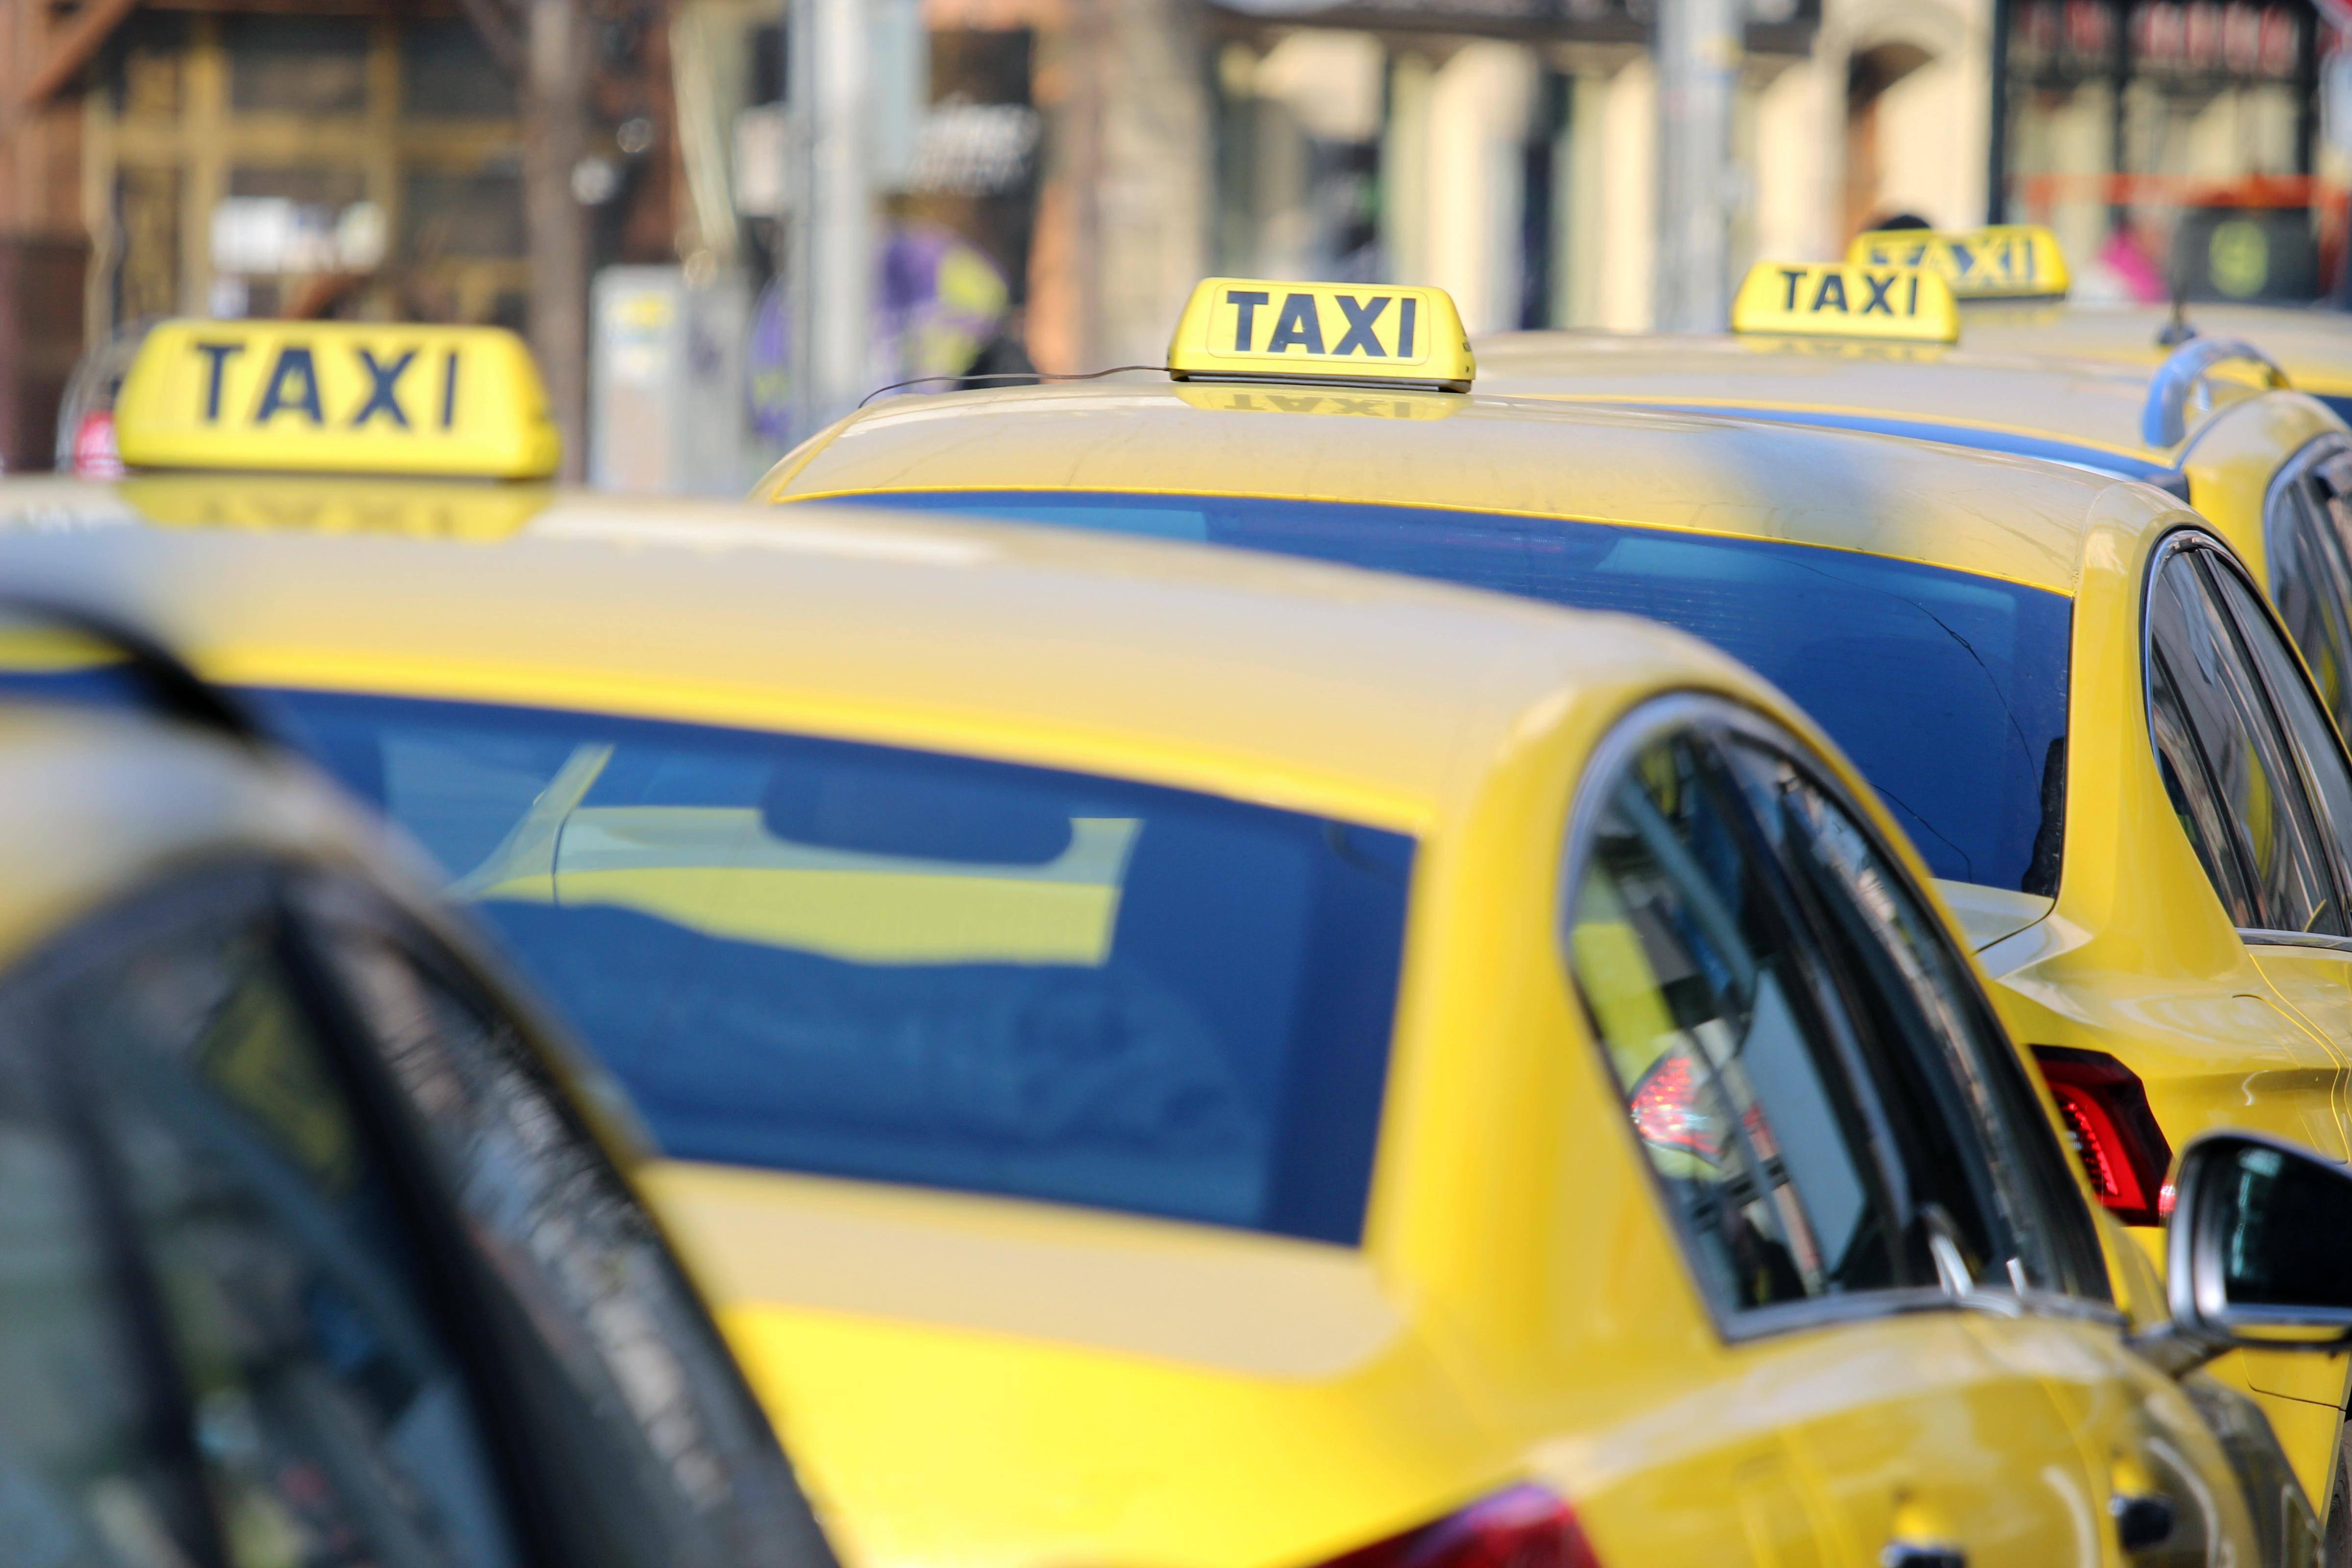 明日起在北京乘坐出租车、网约车需扫健康宝,顺义区域驾驶员暂停上路